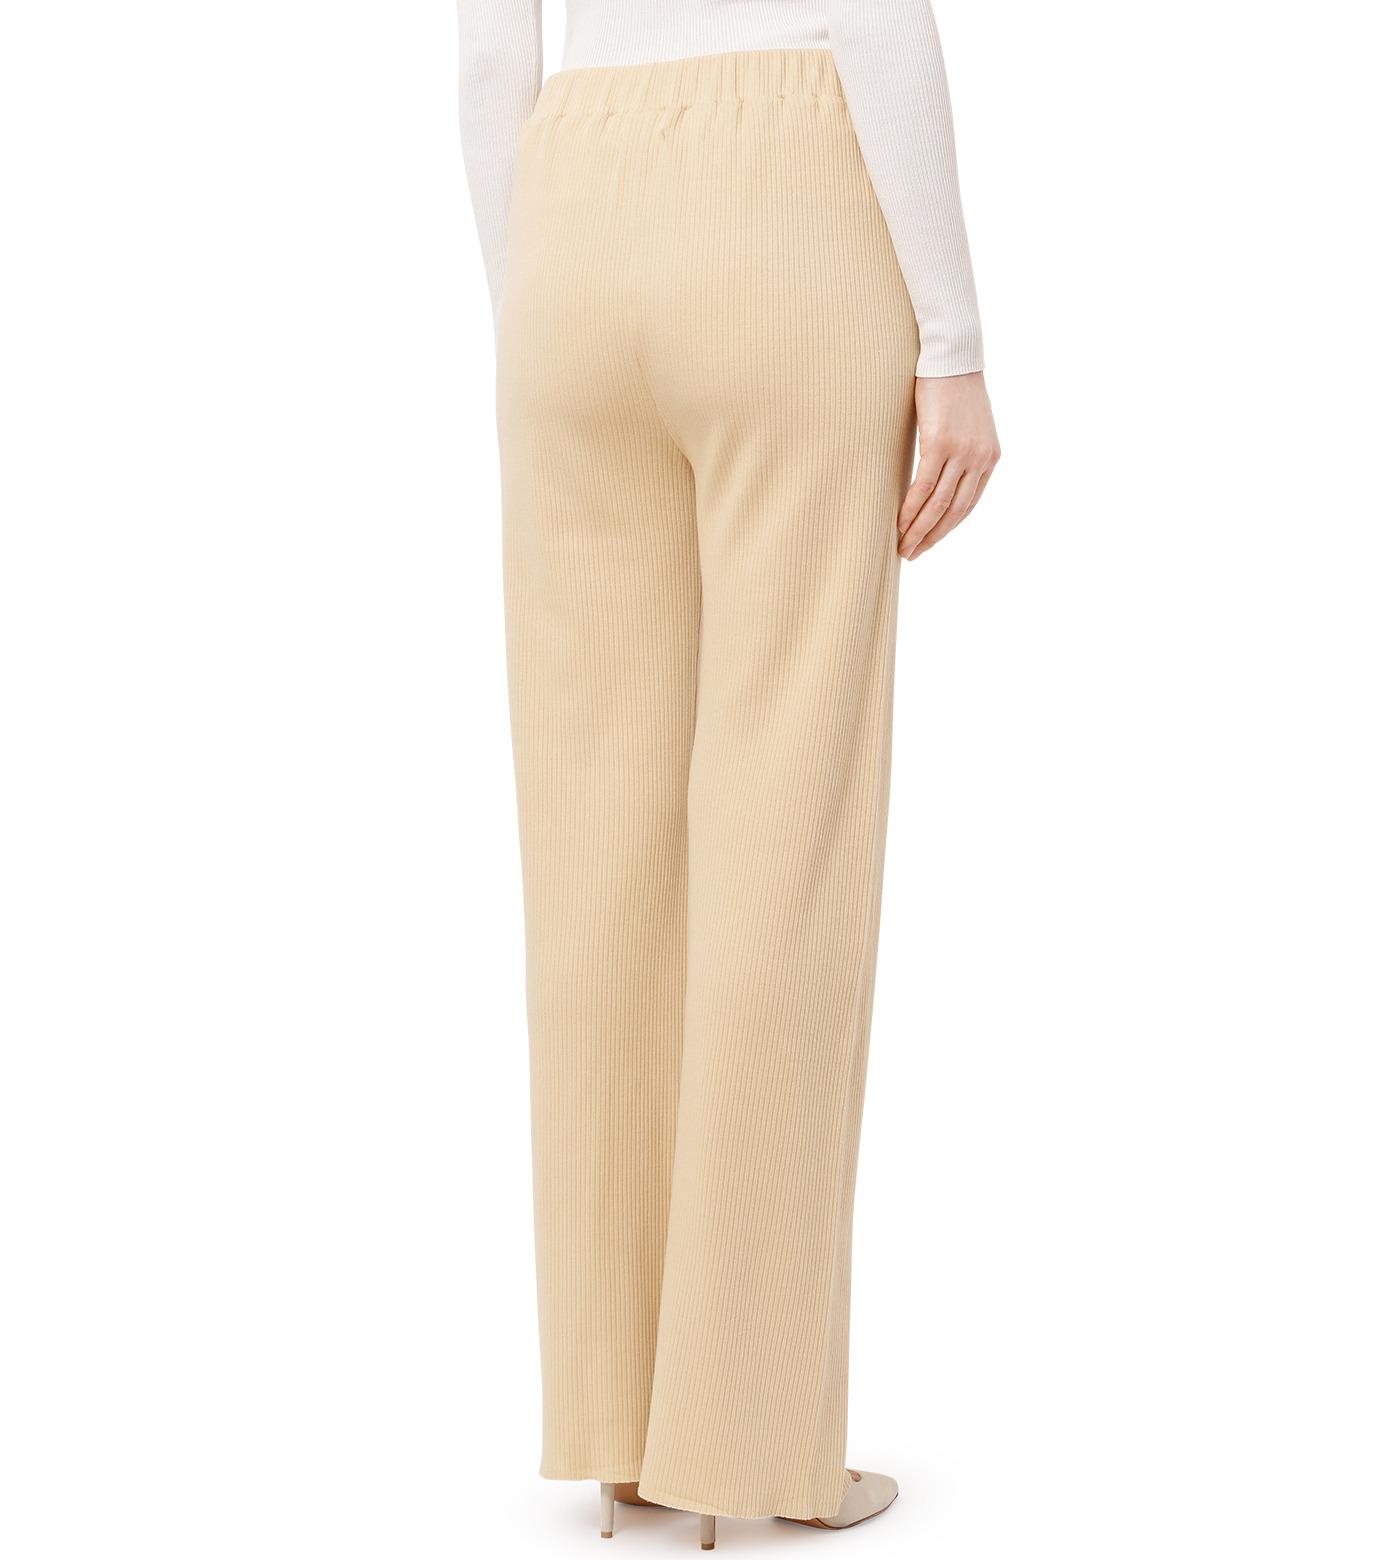 AKANE UTSUNOMIYA(アカネウツノミヤ)のRib Knit Pants-LIGHT BEIGE(パンツ/pants)-W16FCT012001-51 拡大詳細画像2